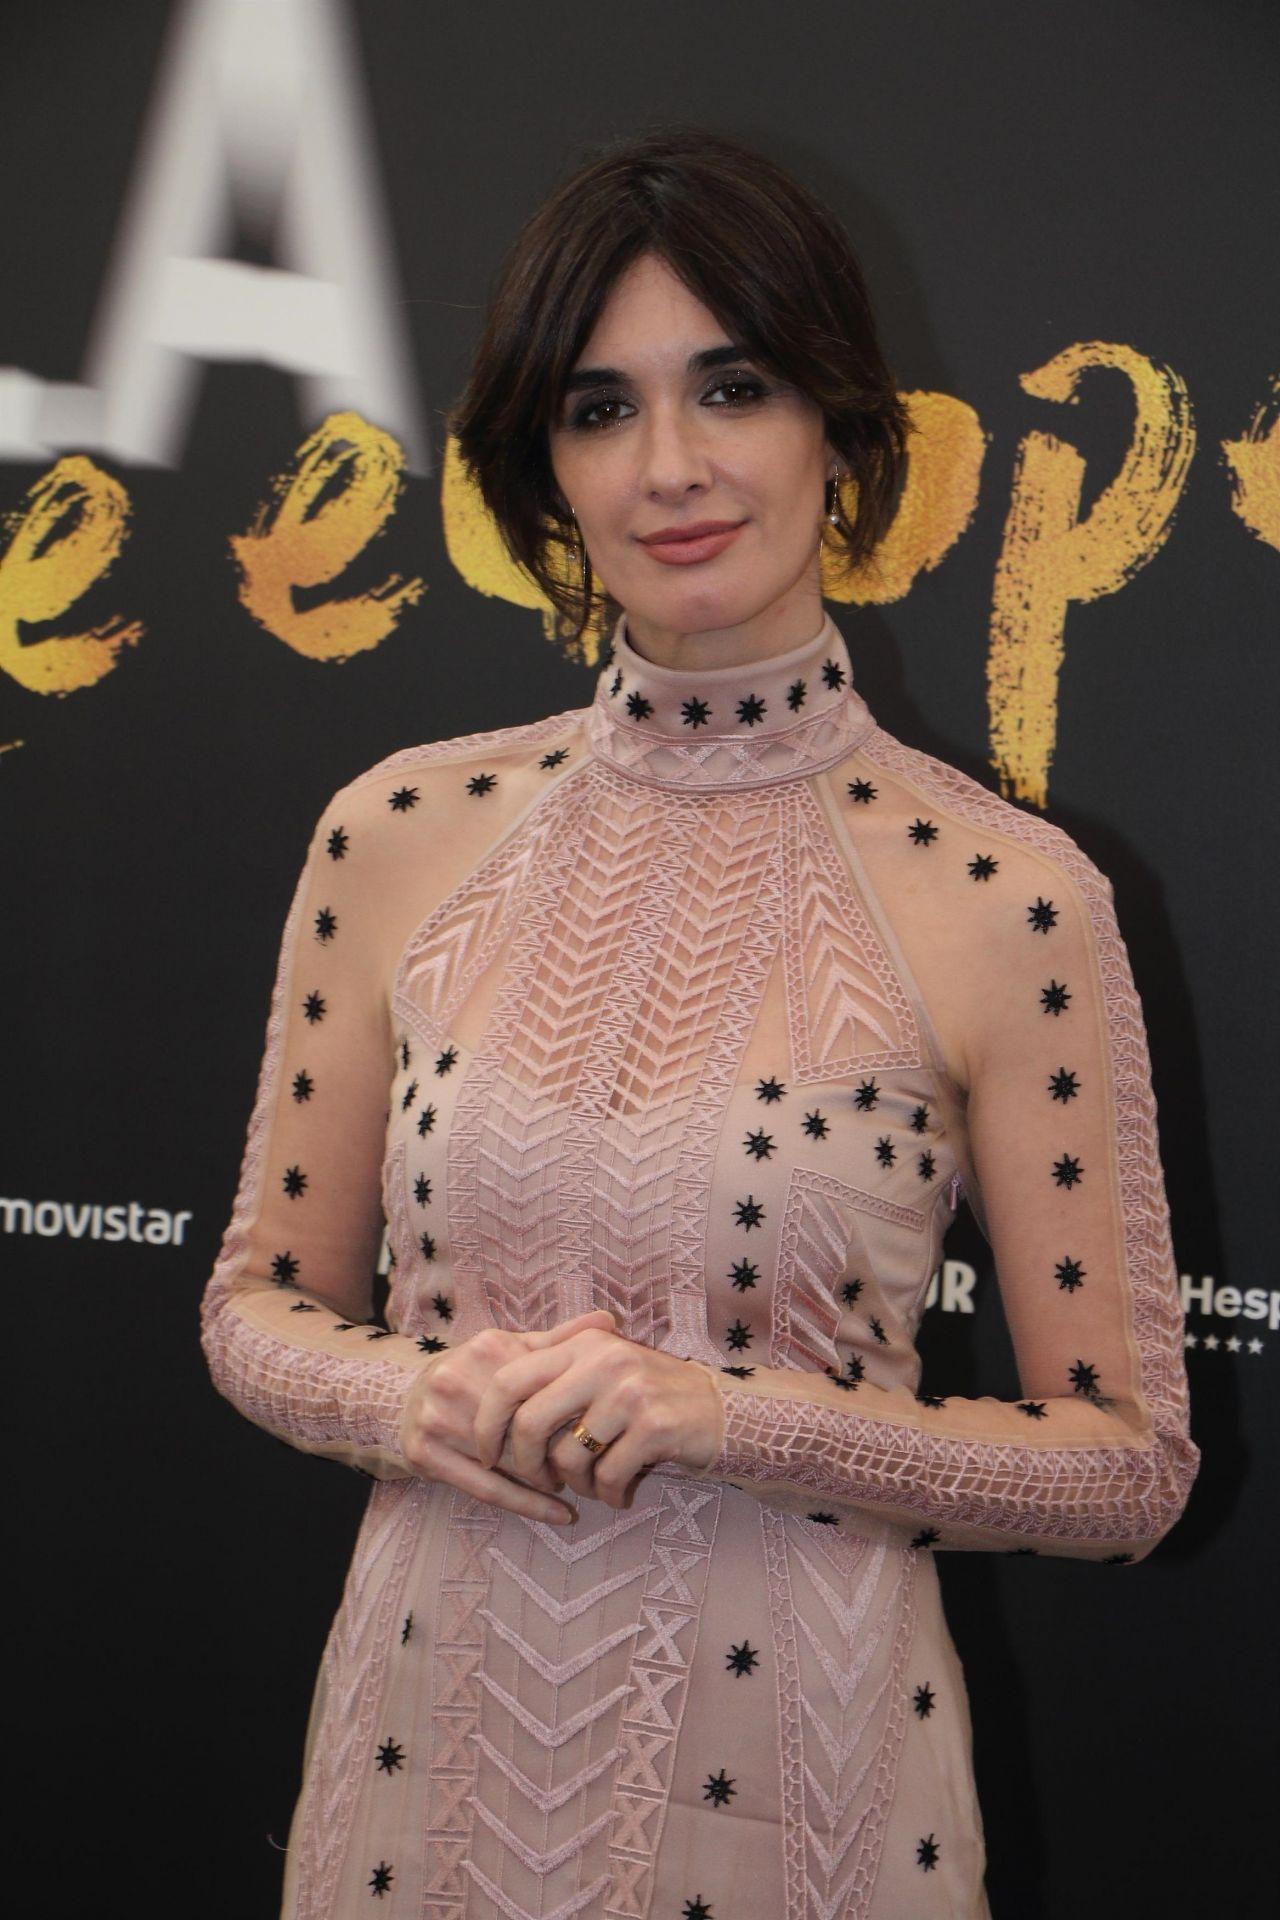 https://celebmafia.com/wp-content/uploads/2018/11/paz-vega-wins-an-award-at-the-seville-film-festival-11-14-2018-8.jpg